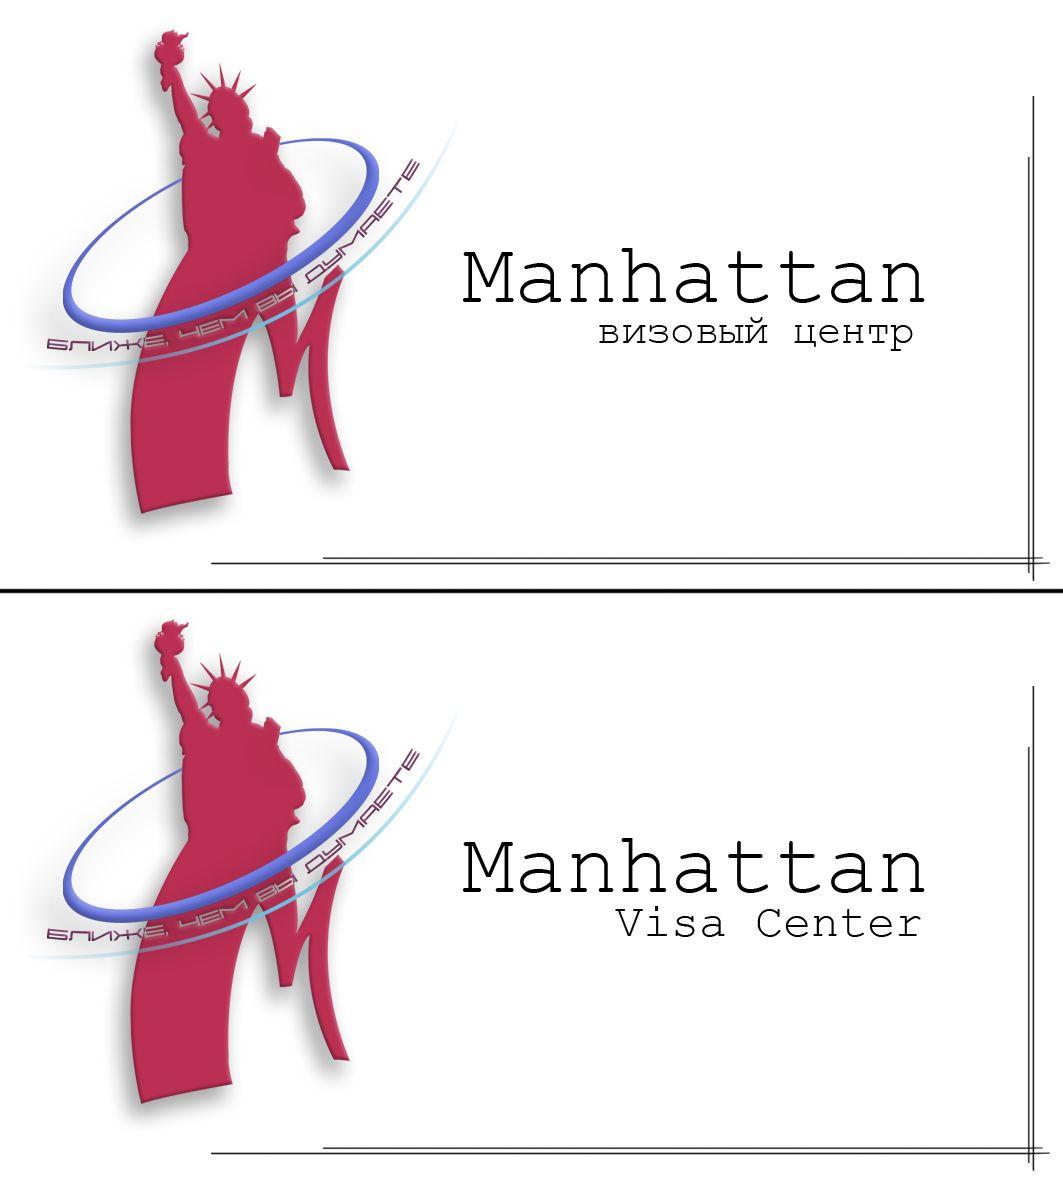 Лого и Фир.стиль для визового центра - дизайнер Rosde